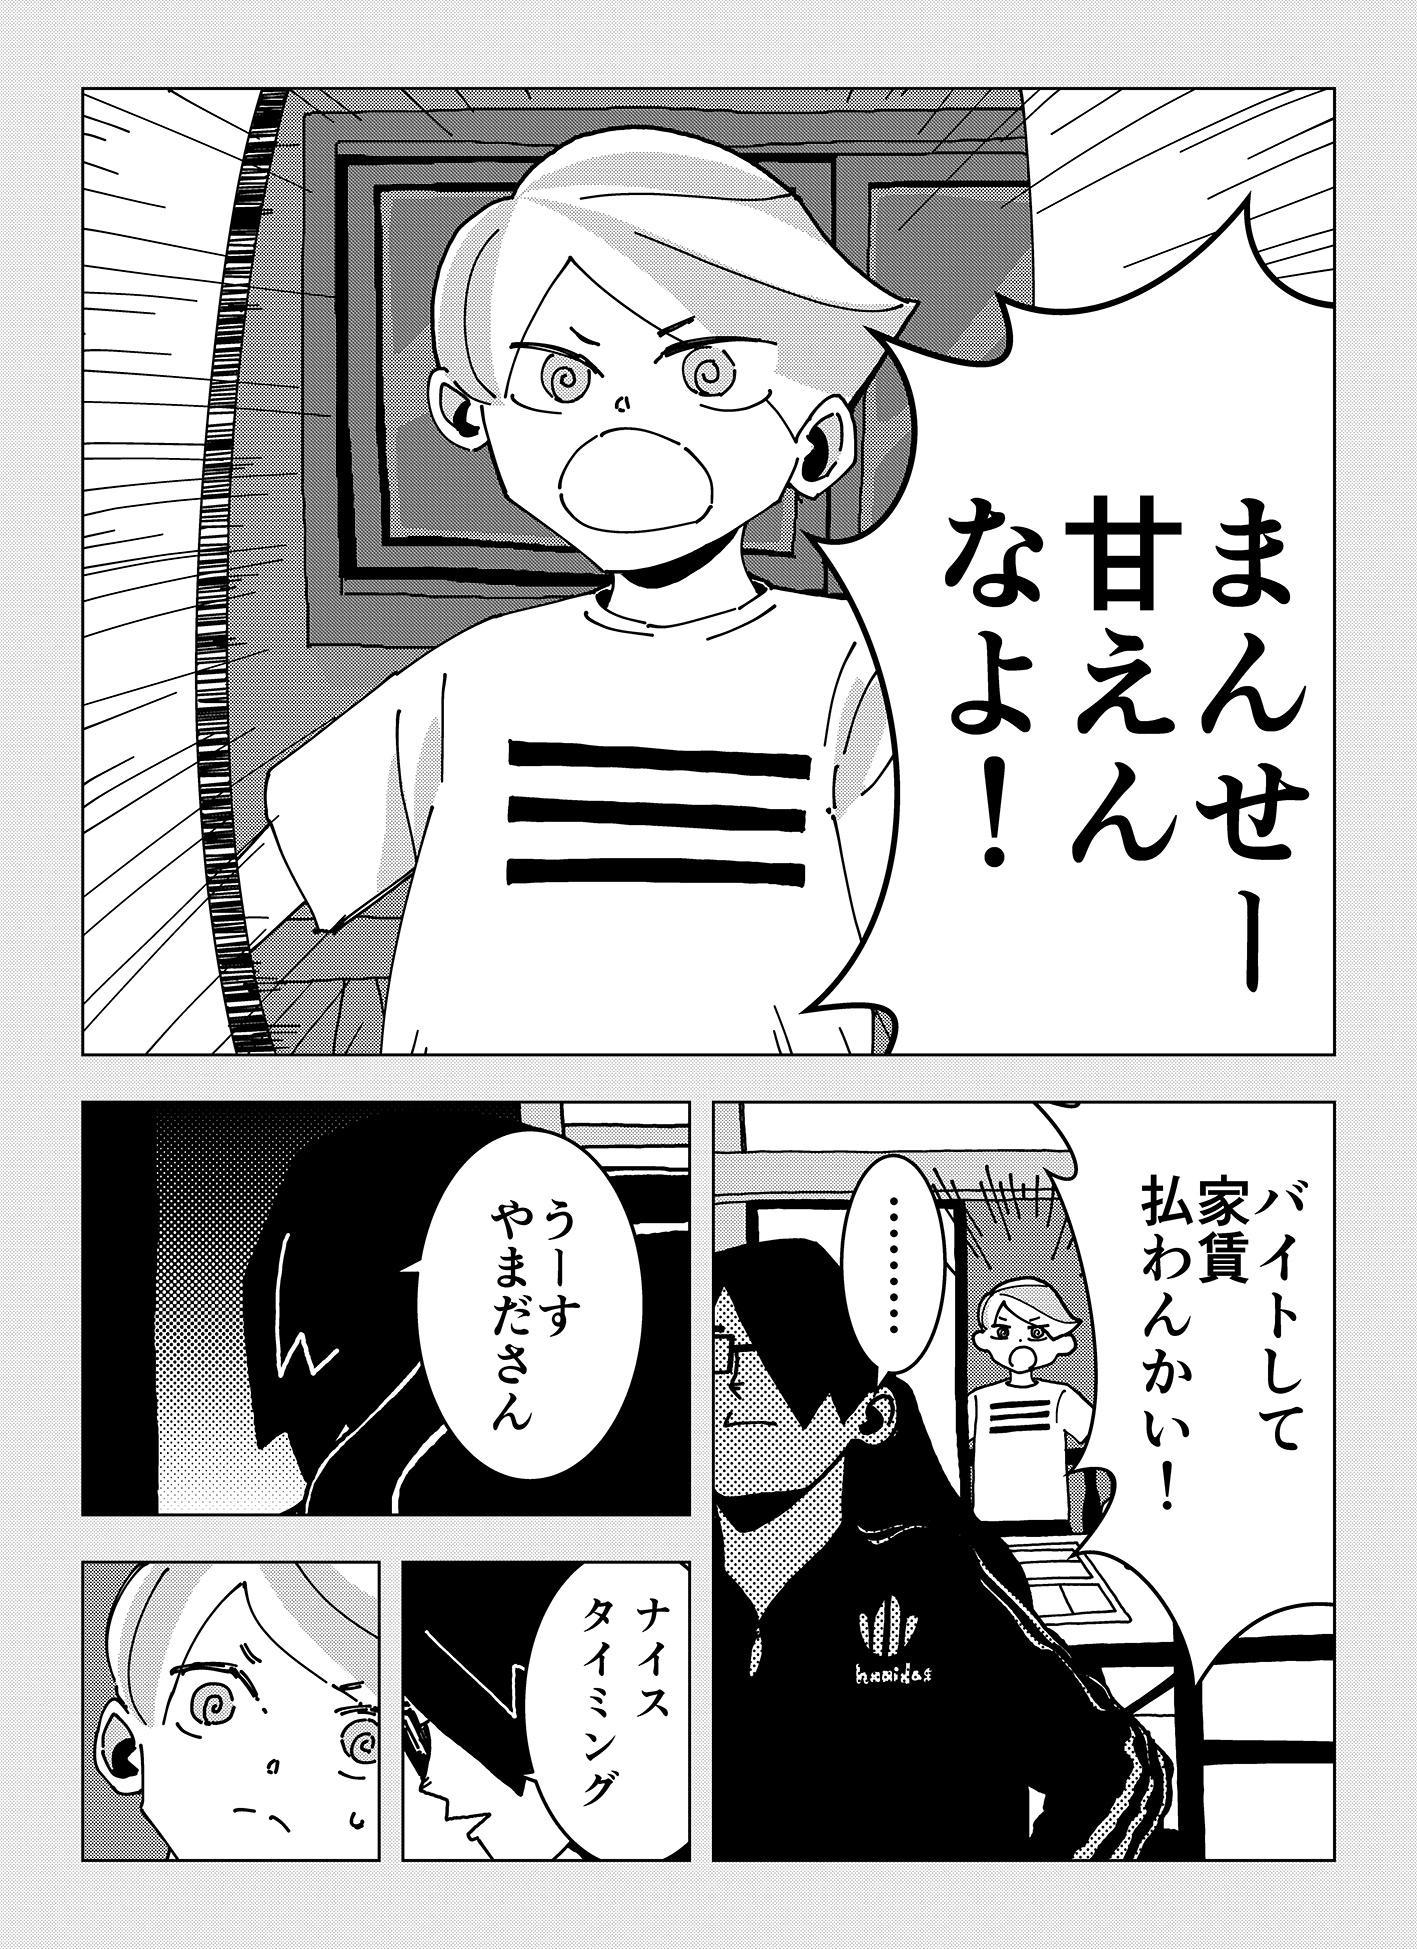 share08_05